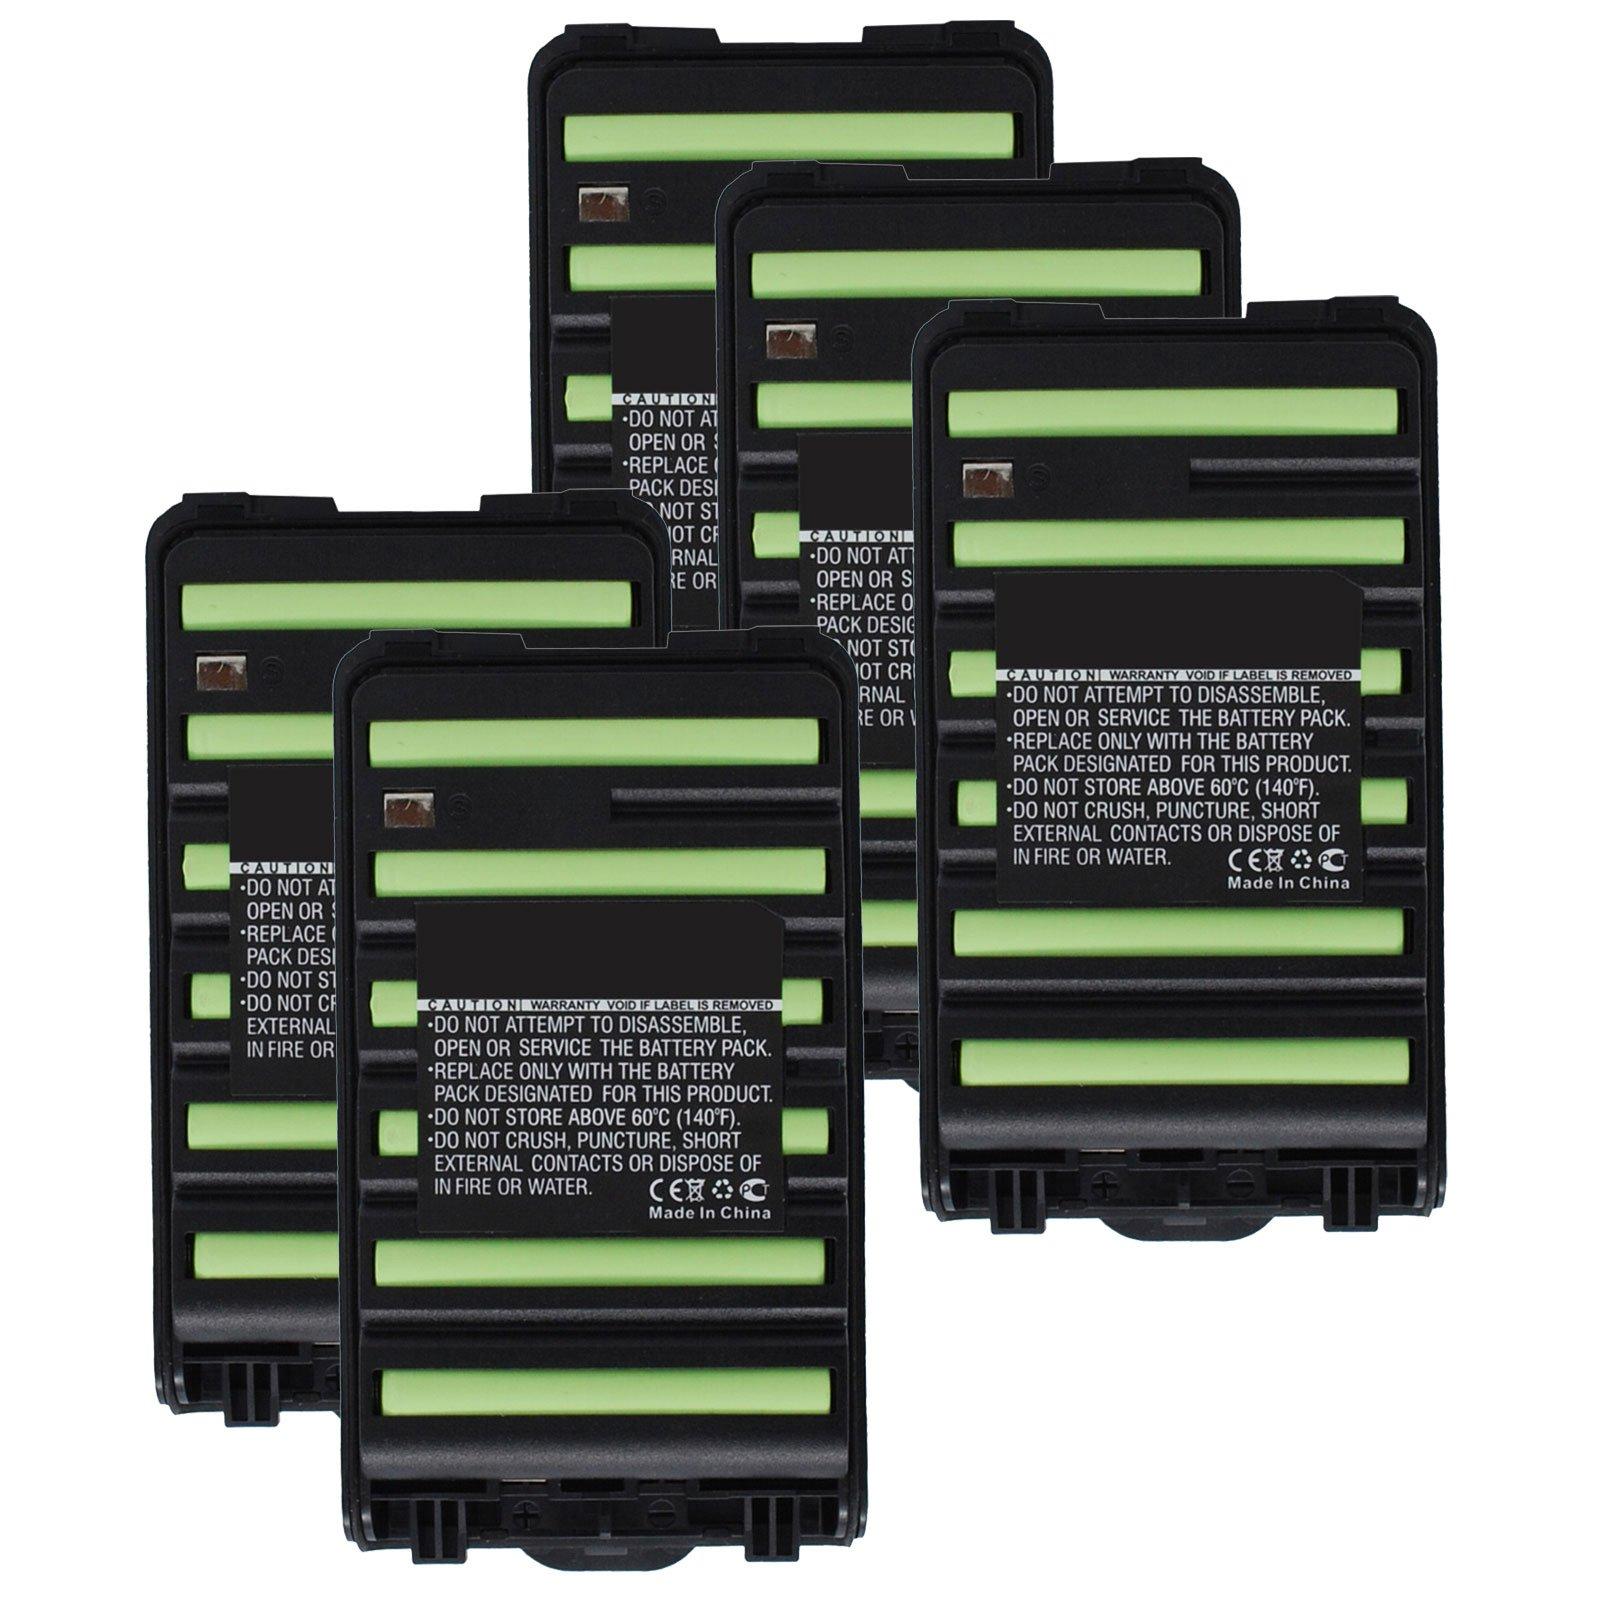 5x Exell 7.2V 1800mAh Ni-MH FRS 2way Radio Battery Fits Icom BP-264, BP264, IC-F3001, IC-F3002, IC-F3003, IC-F3101D, IC-F4001, IC-F4002, IC-F4003, IC-F4101D, IC-T70, IC-T70A, IC-T70E by Exell Battery (Image #1)